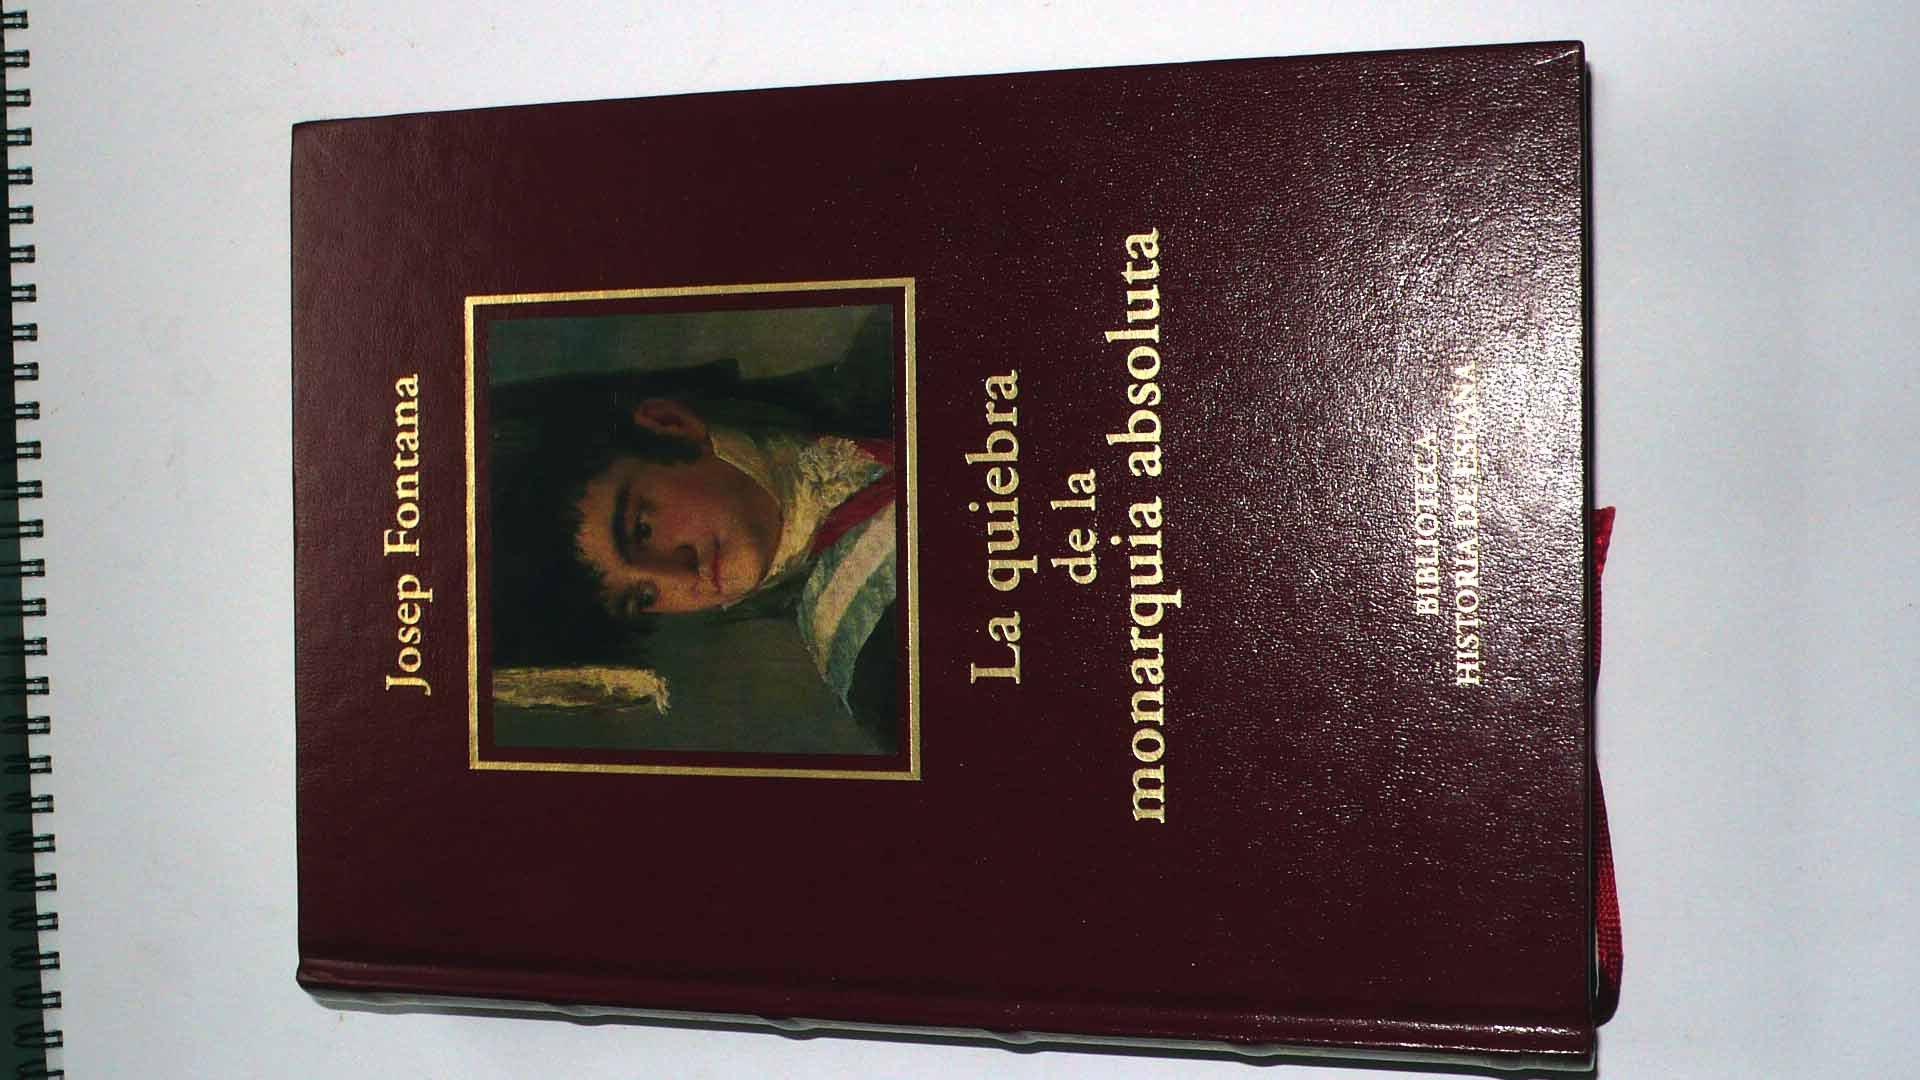 Quieba de la monarquiacoleccionables: Amazon.es: Josep Fontana: Libros